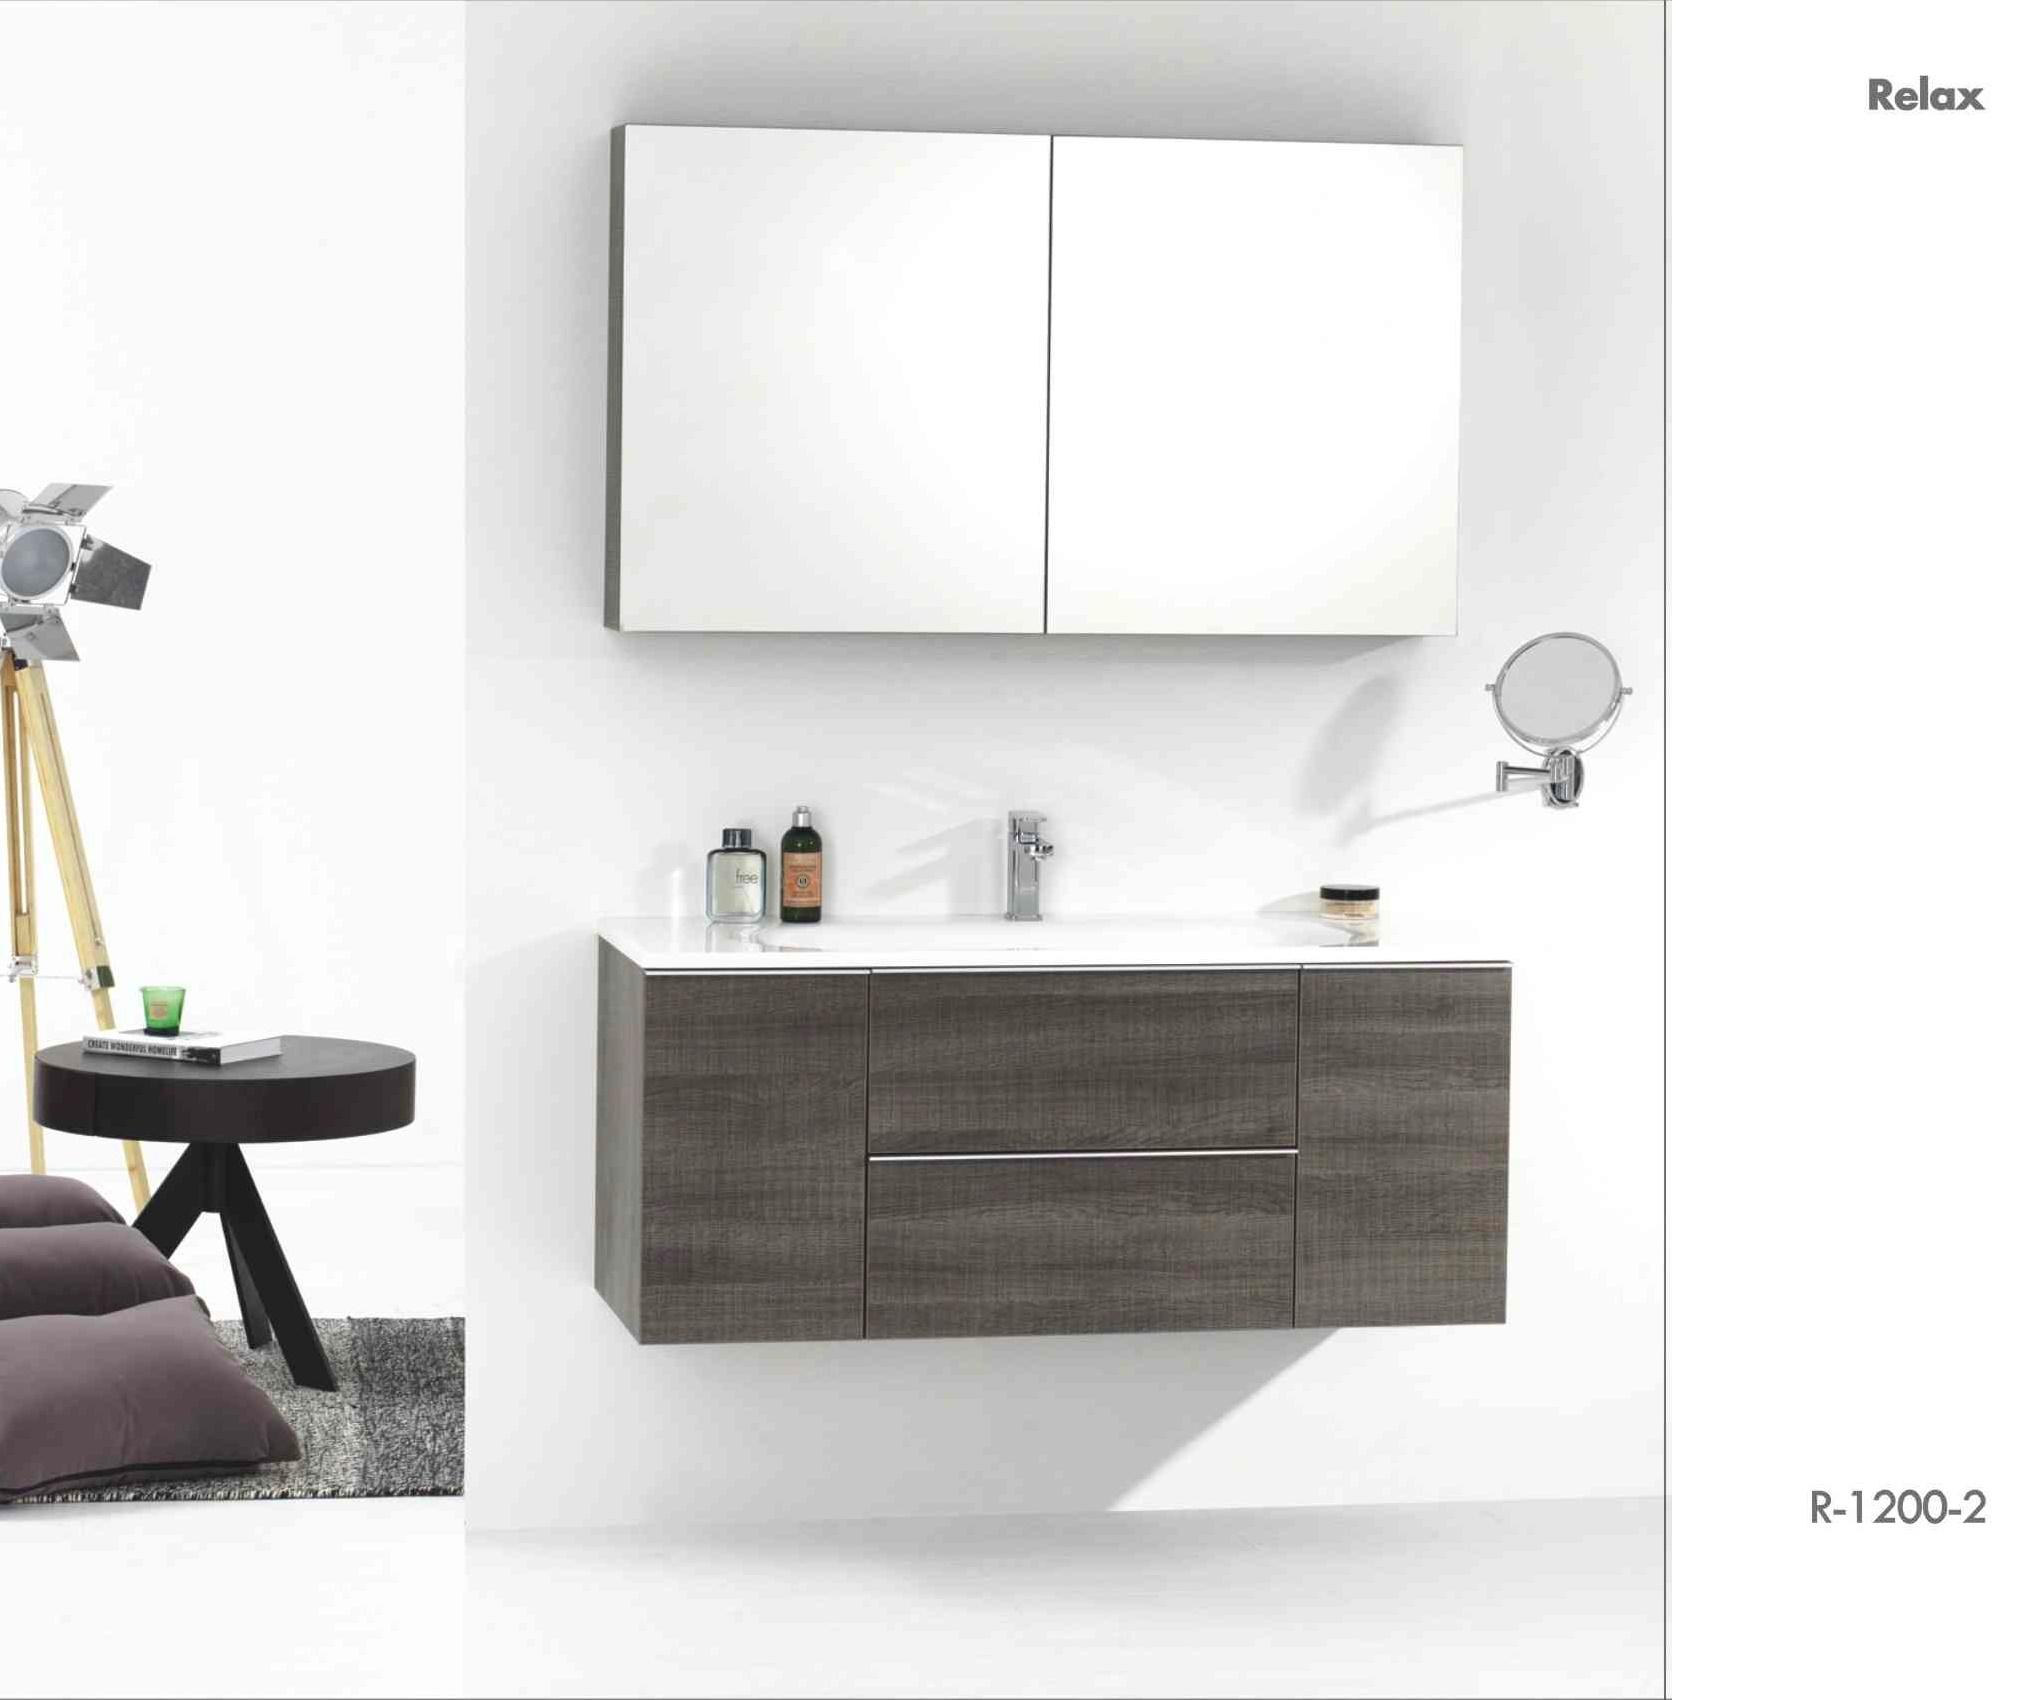 Meuble salle de bain salle de bain meubles sanit 39 air - Produits salle de bain ...